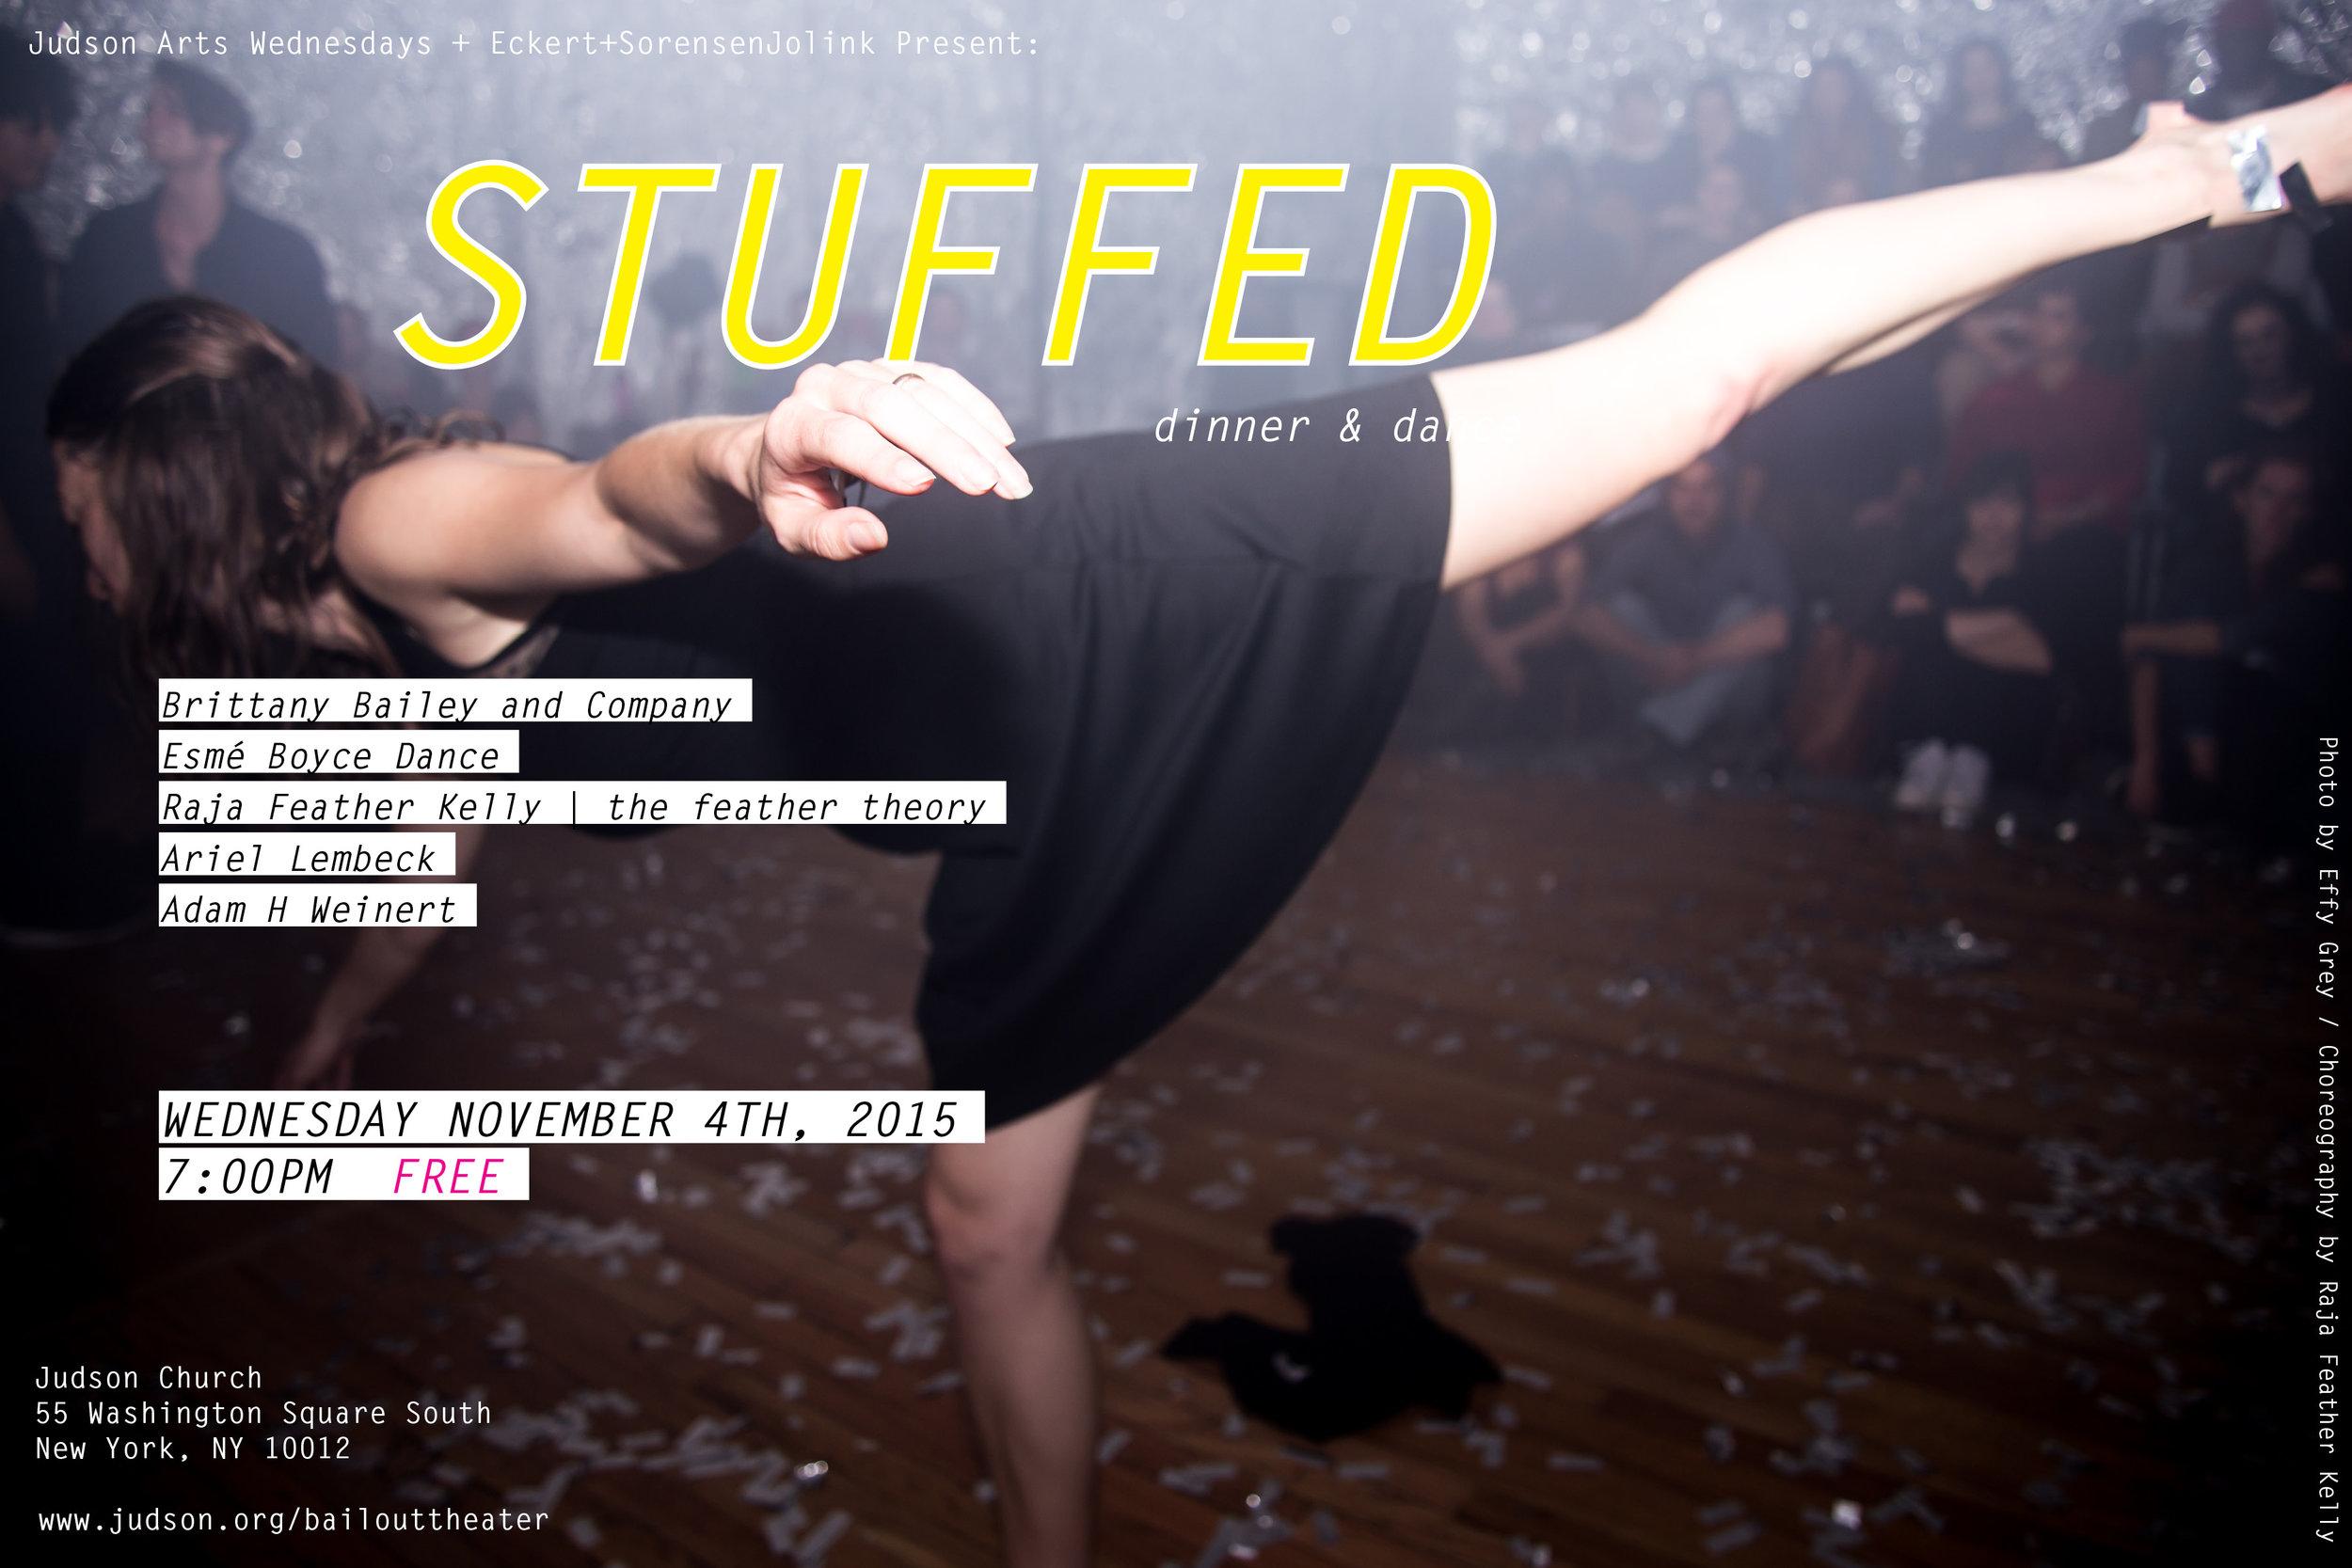 STUFFED Kelly 2 (1).jpg